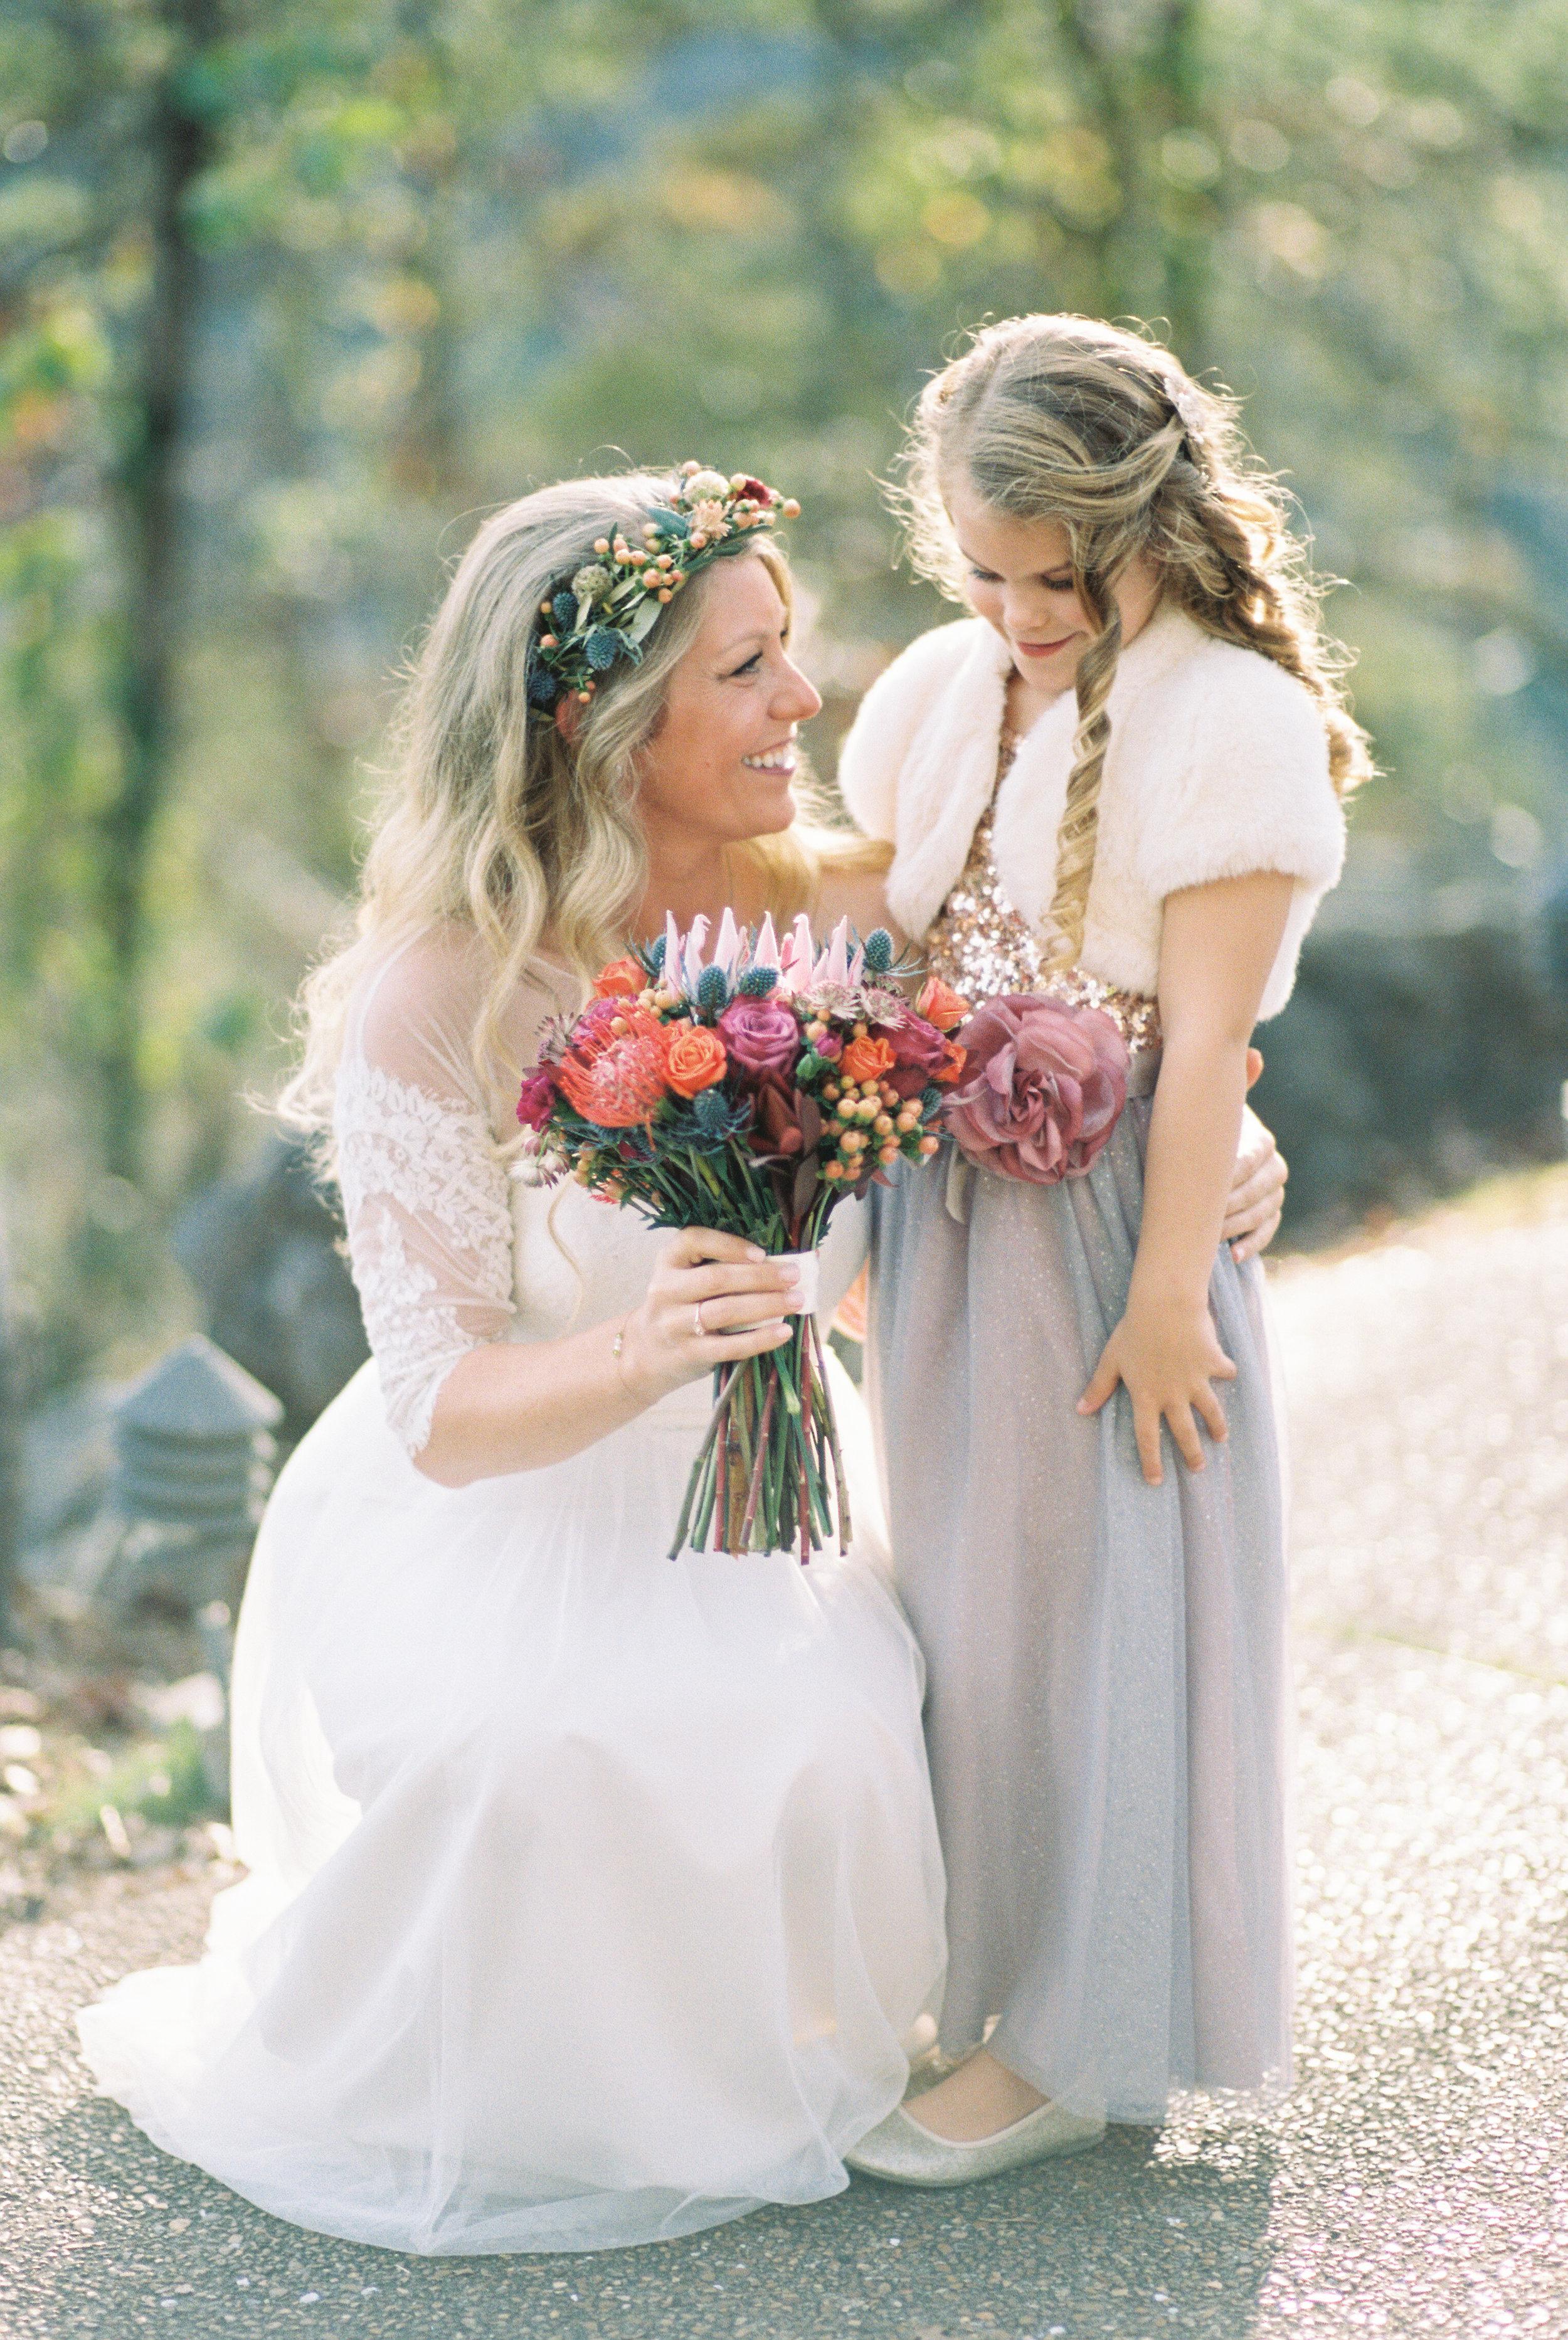 Wedding Film Portra 400 013.jpg